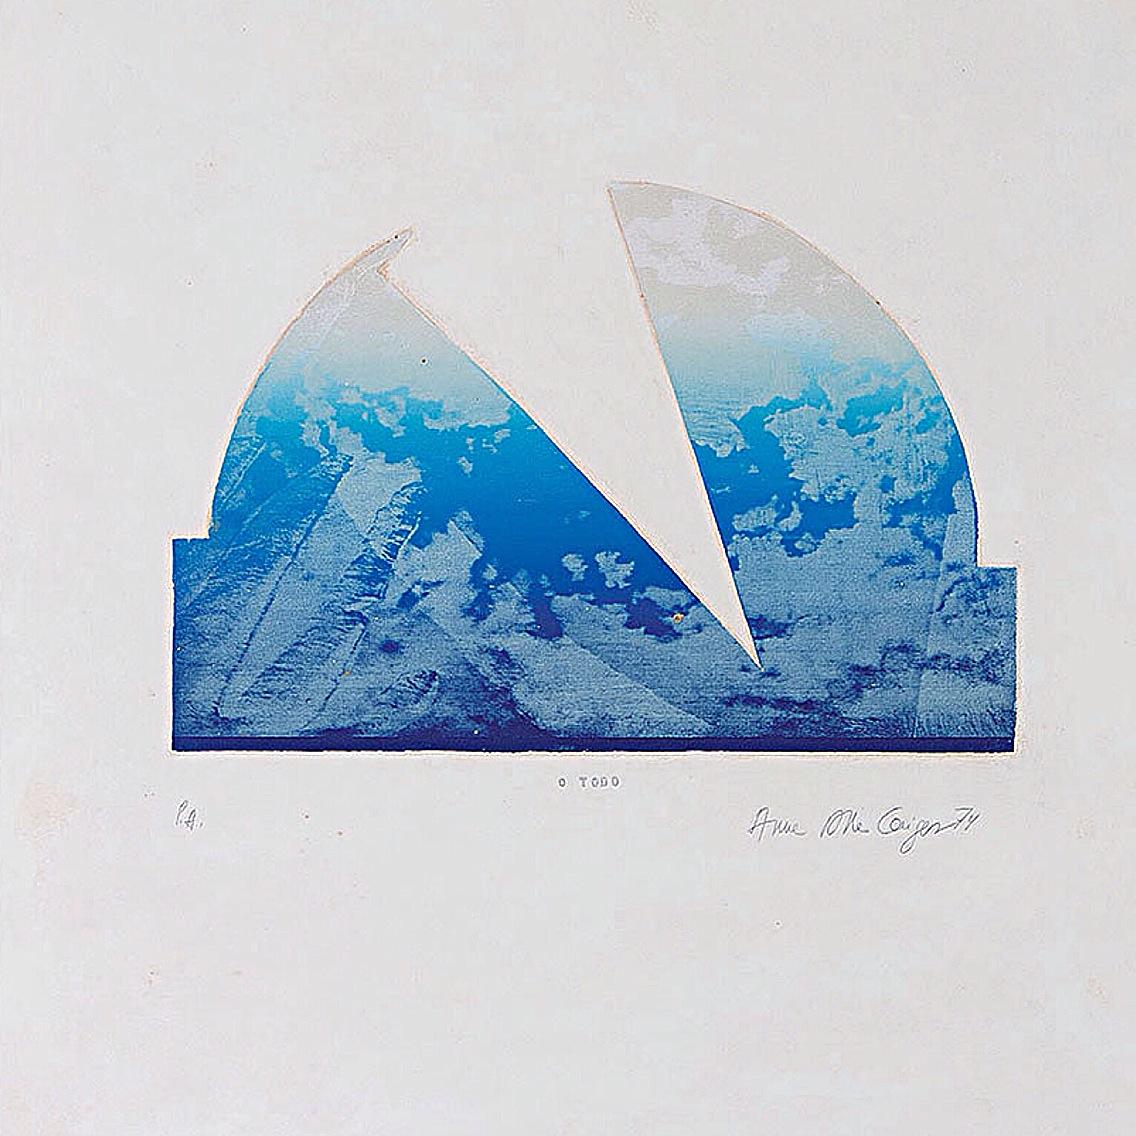 ANNA BELLA GEIGER - Título, O Todo - Serigrafia - 1974 - Dimensões 66 x 55,50 cm - Ed. P.A. - R$ 8.0